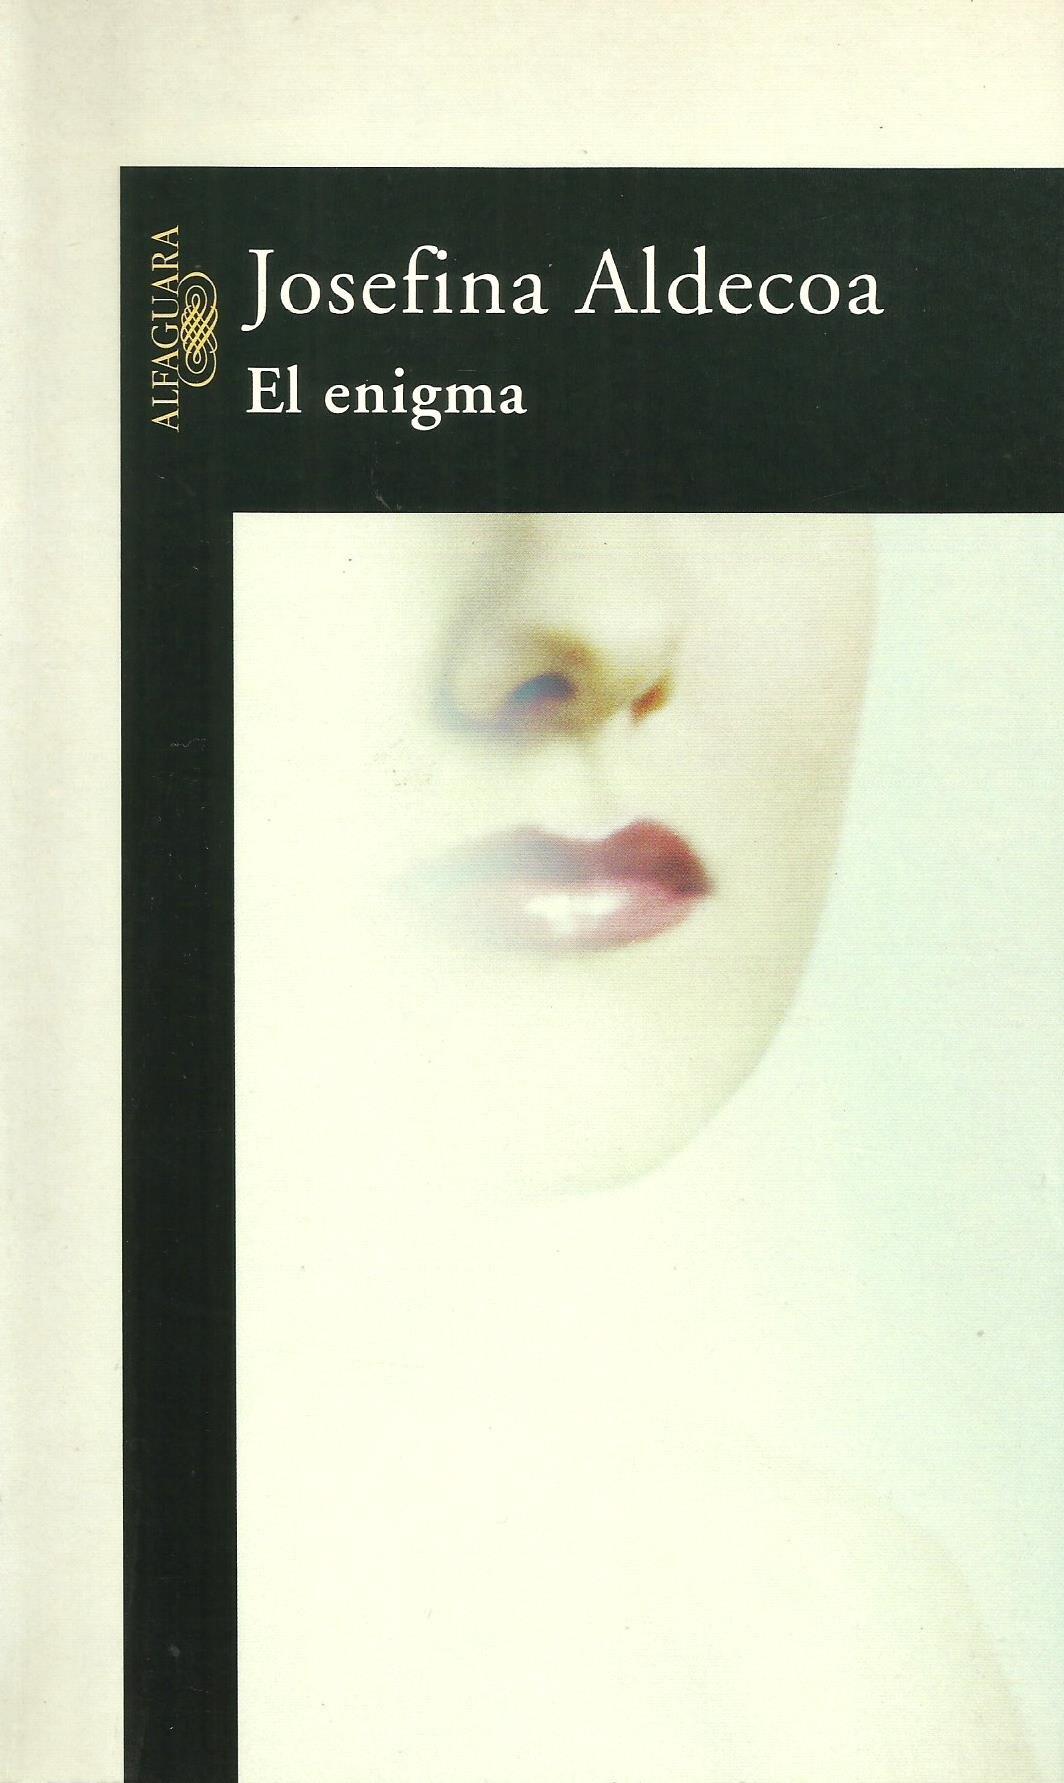 ENIGMA - EL: Amazon.es: Josefina Aldecoa: Libros